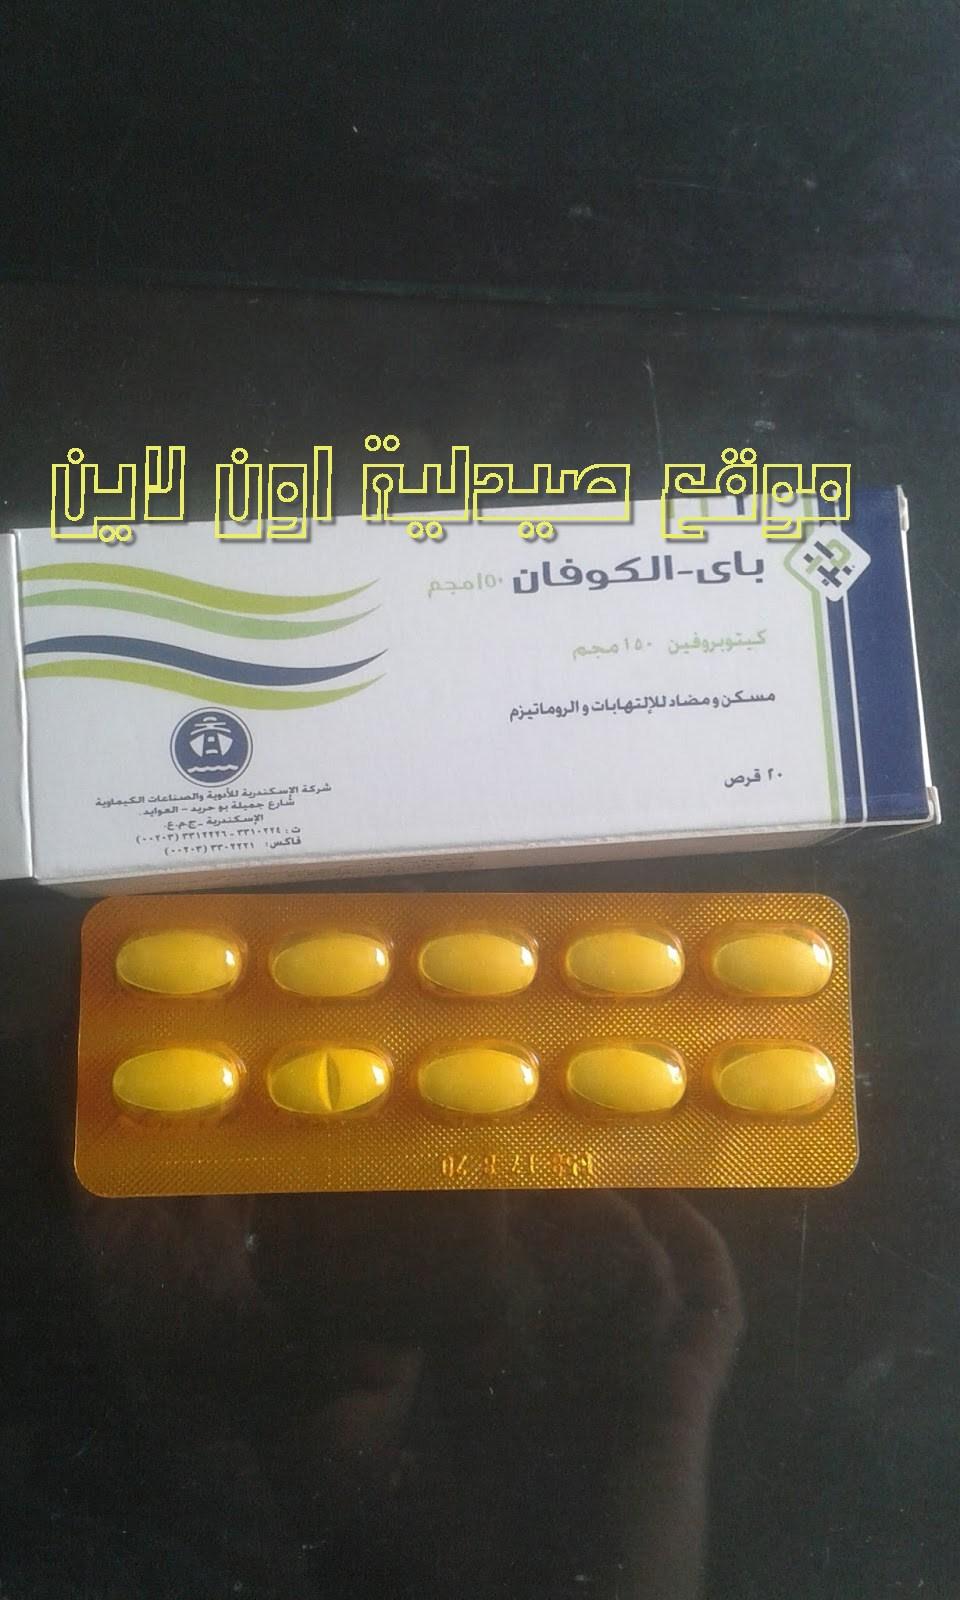 باي ألكوفان 150 أقراص مسكن ومضاد لللالتهابات والروماتيزم Bi-Alcofan